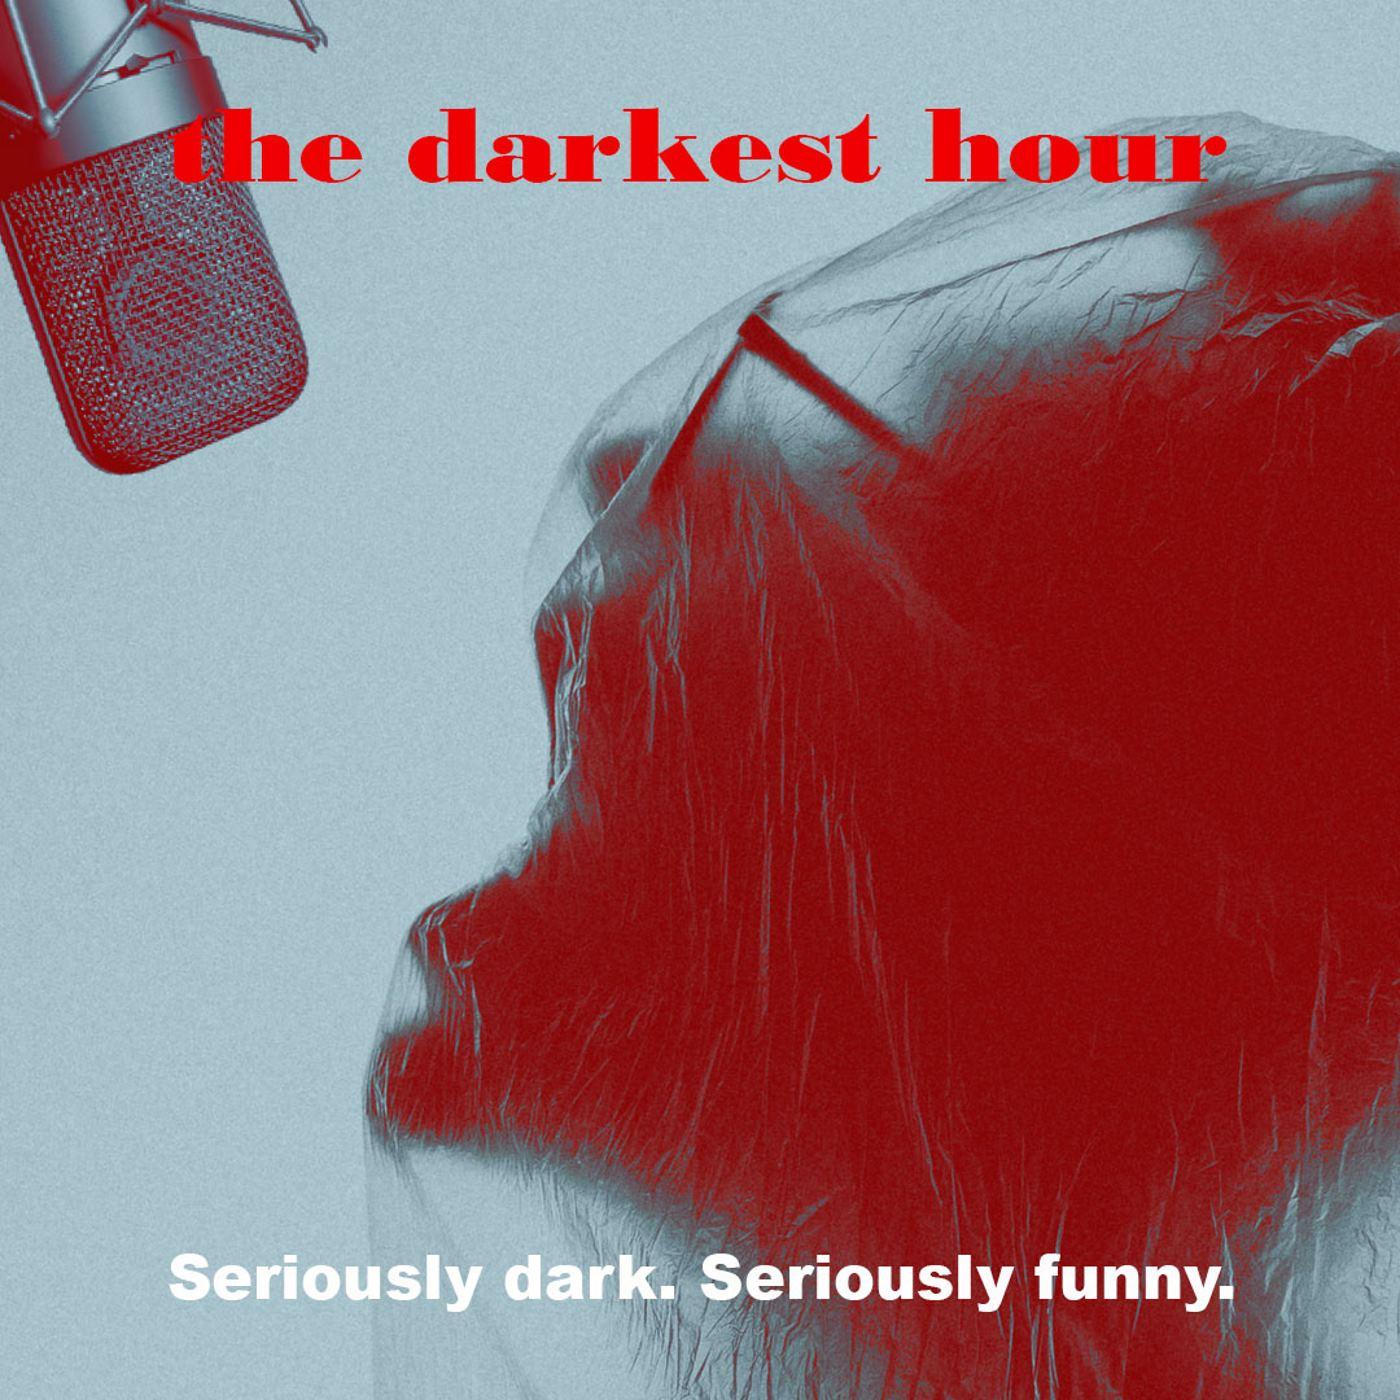 The Darkest Hour Episode 2